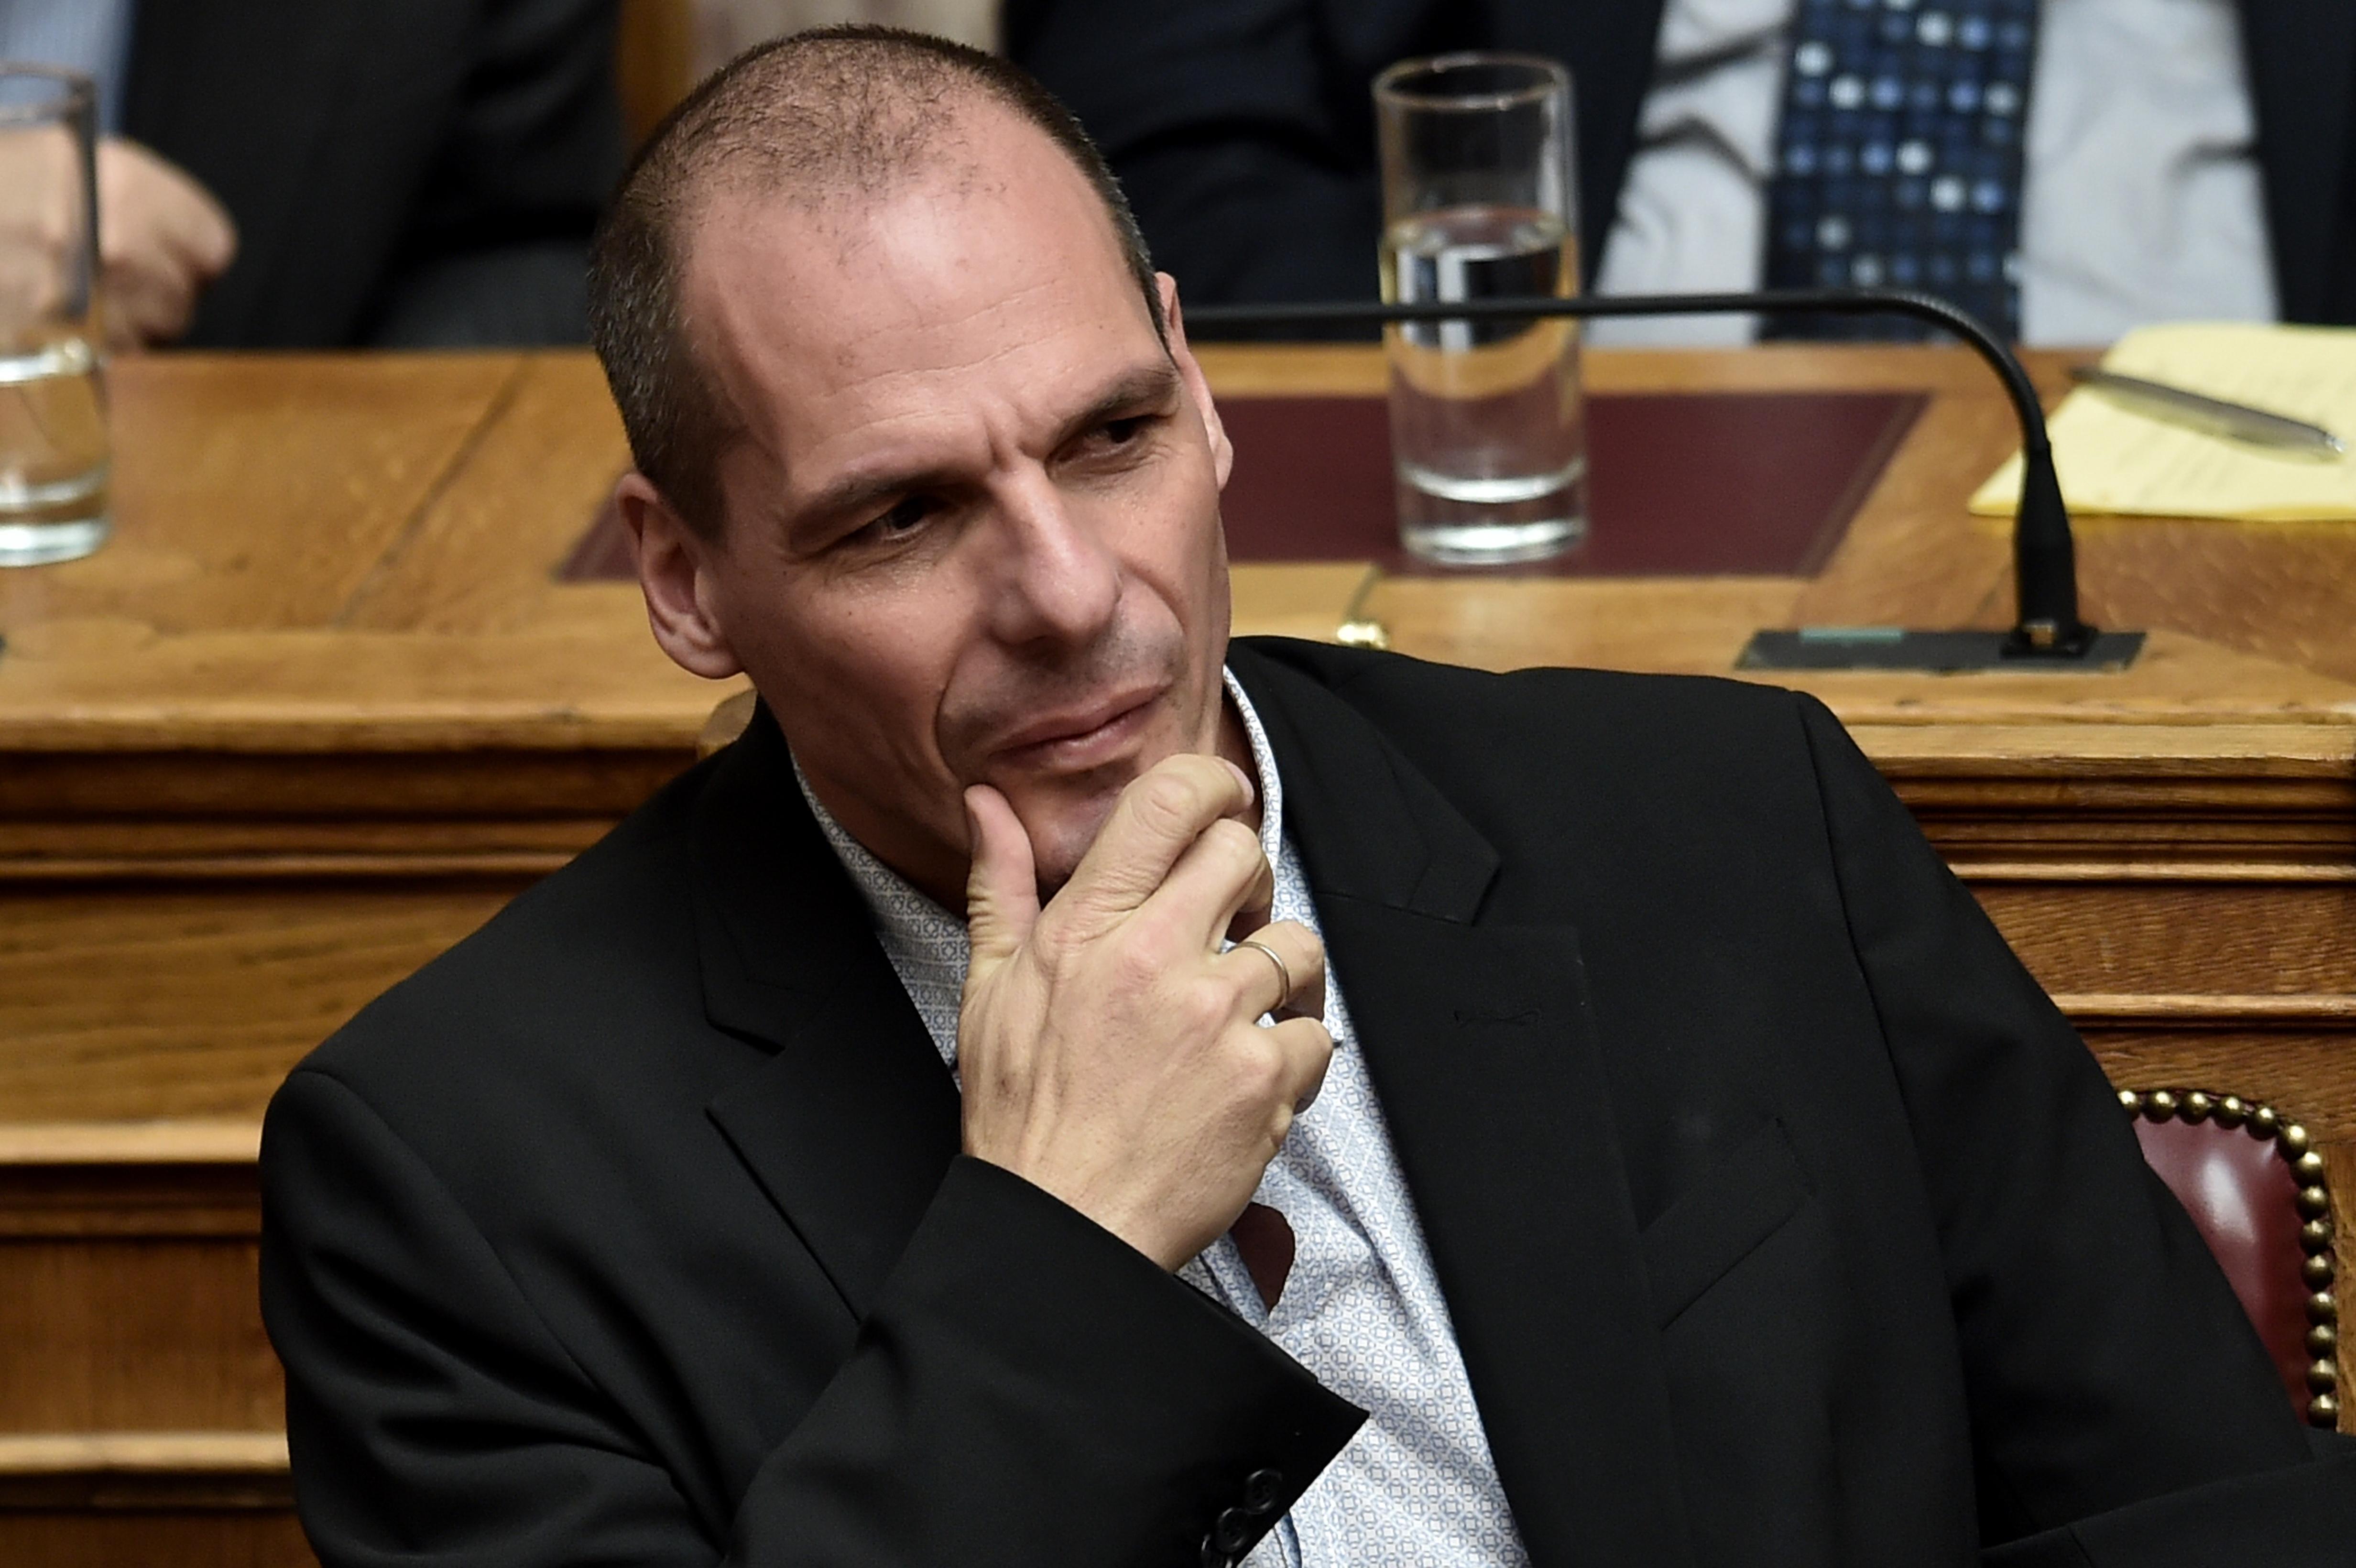 Grecia recuerda que todavía queda un mes para llegar a un acuerdo con los acreedores